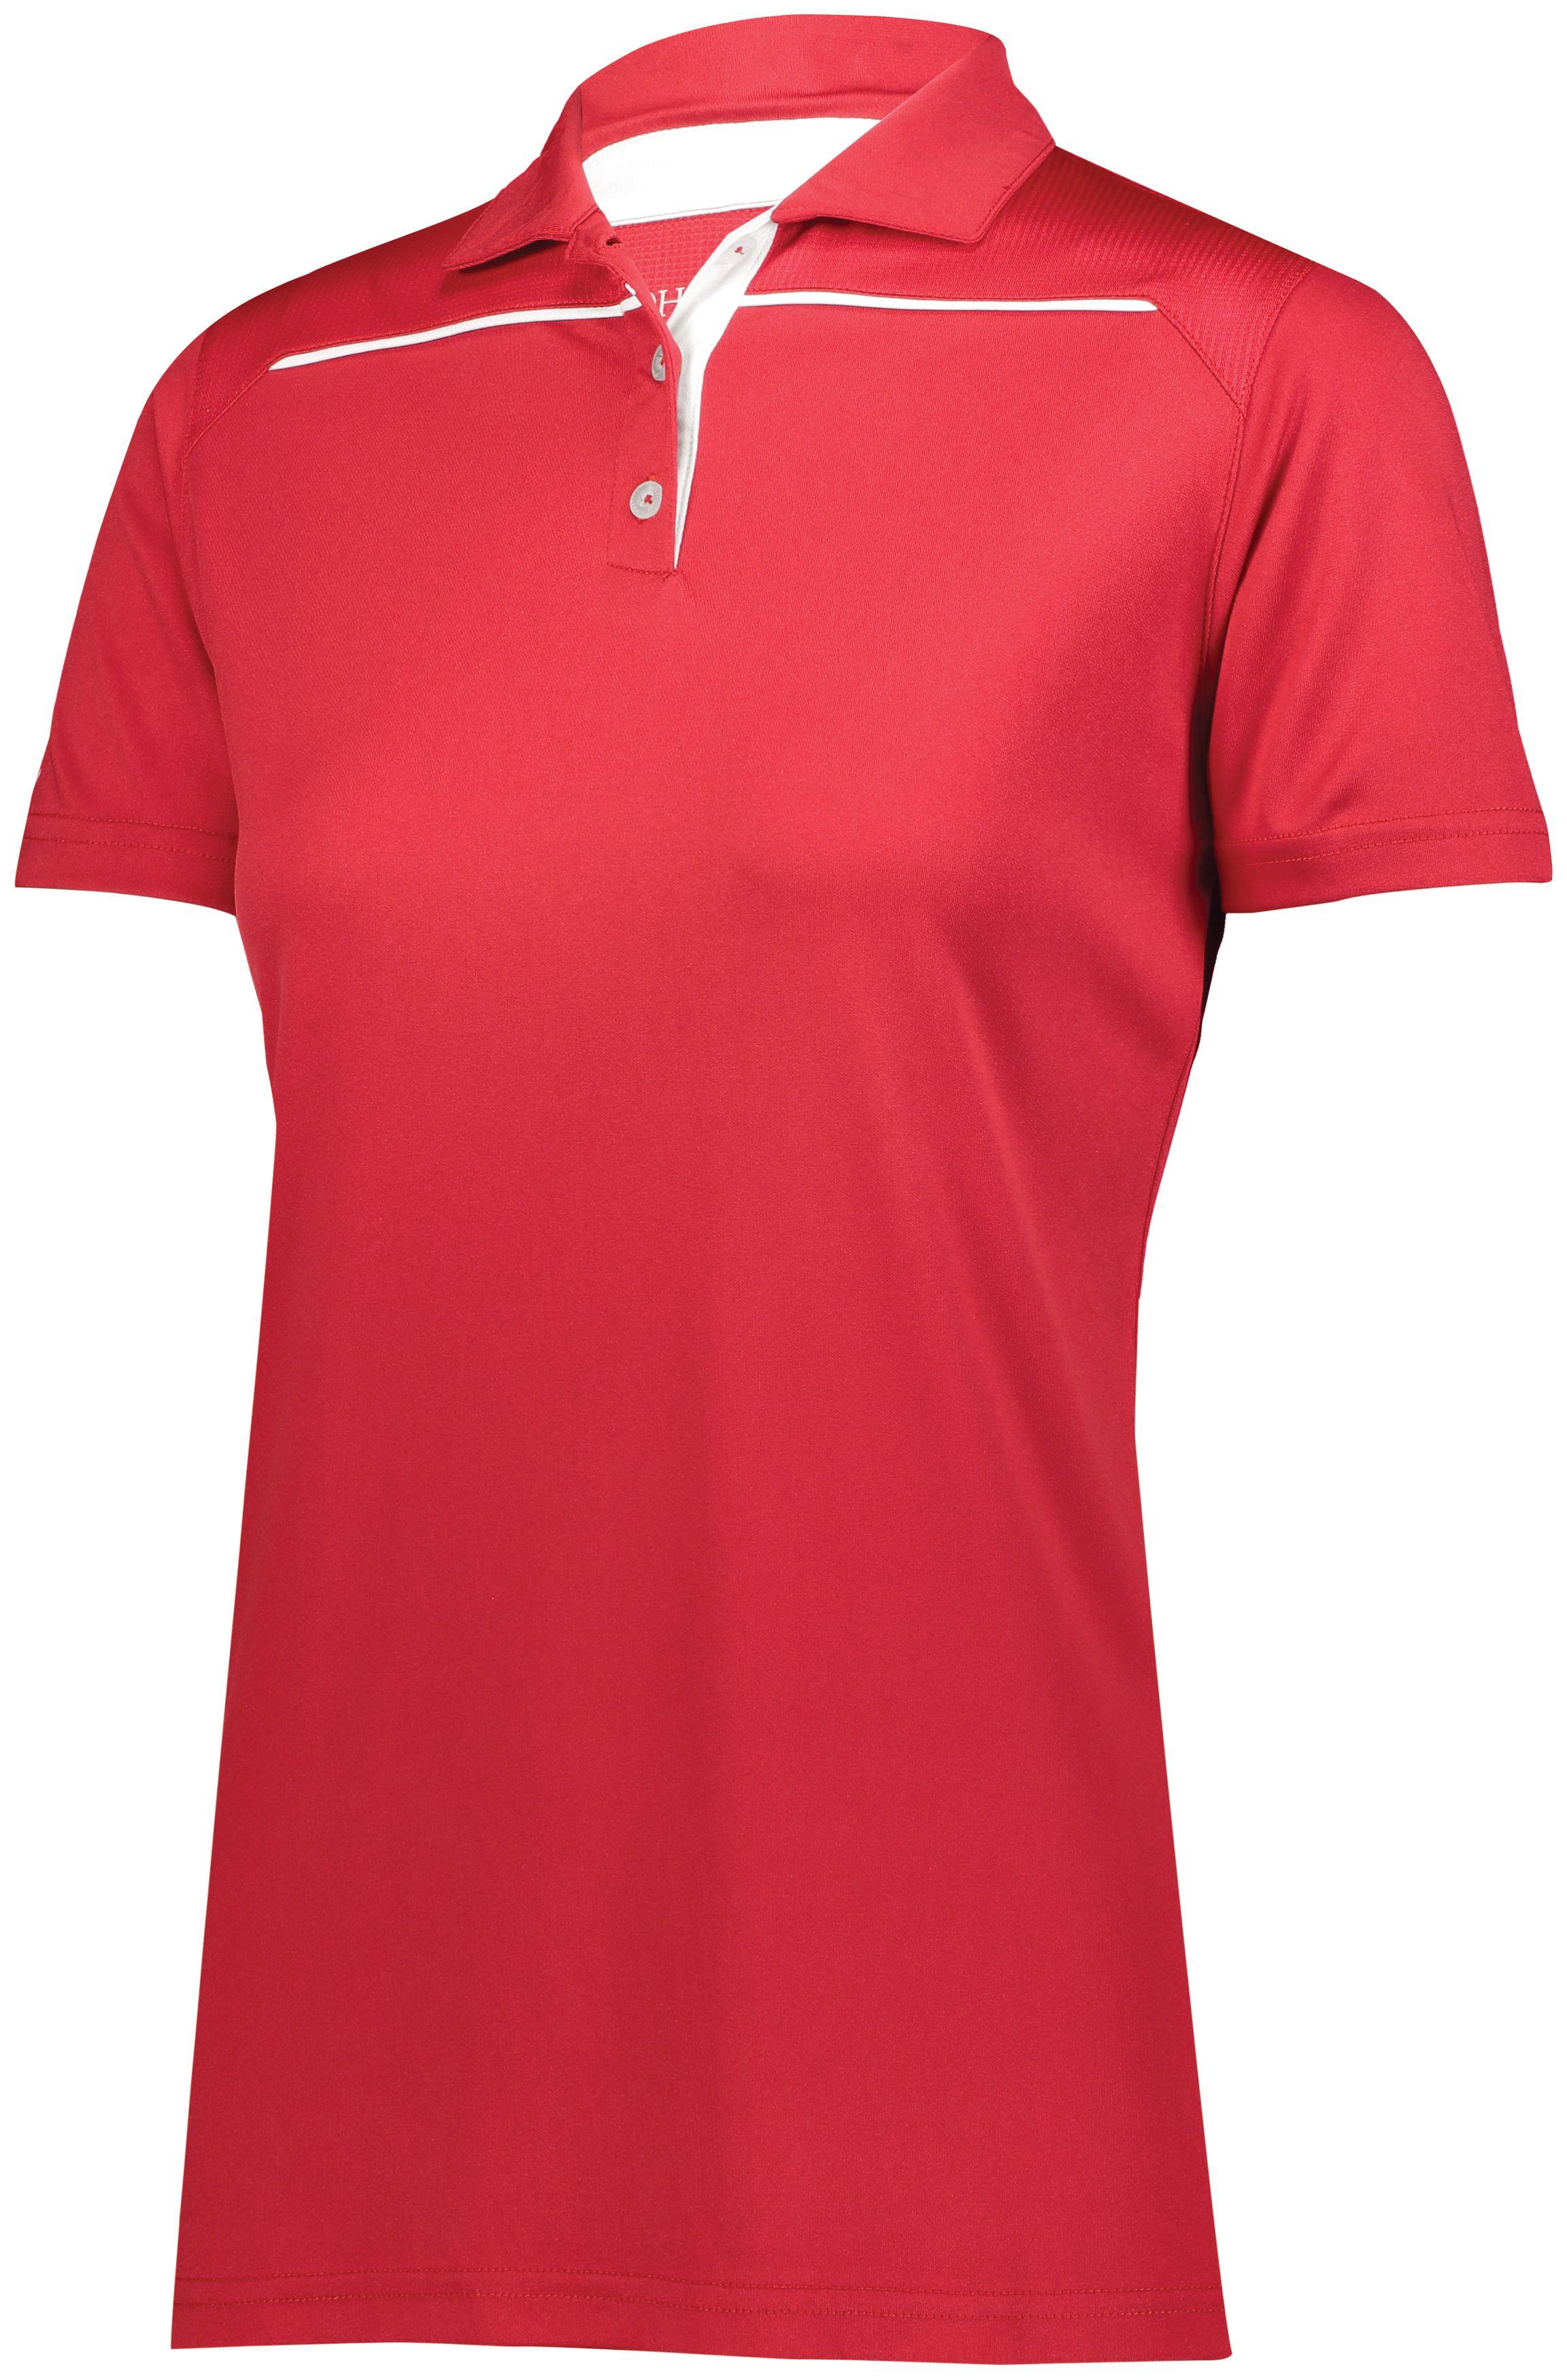 Ladies Defer Polo  - Scarlet/white